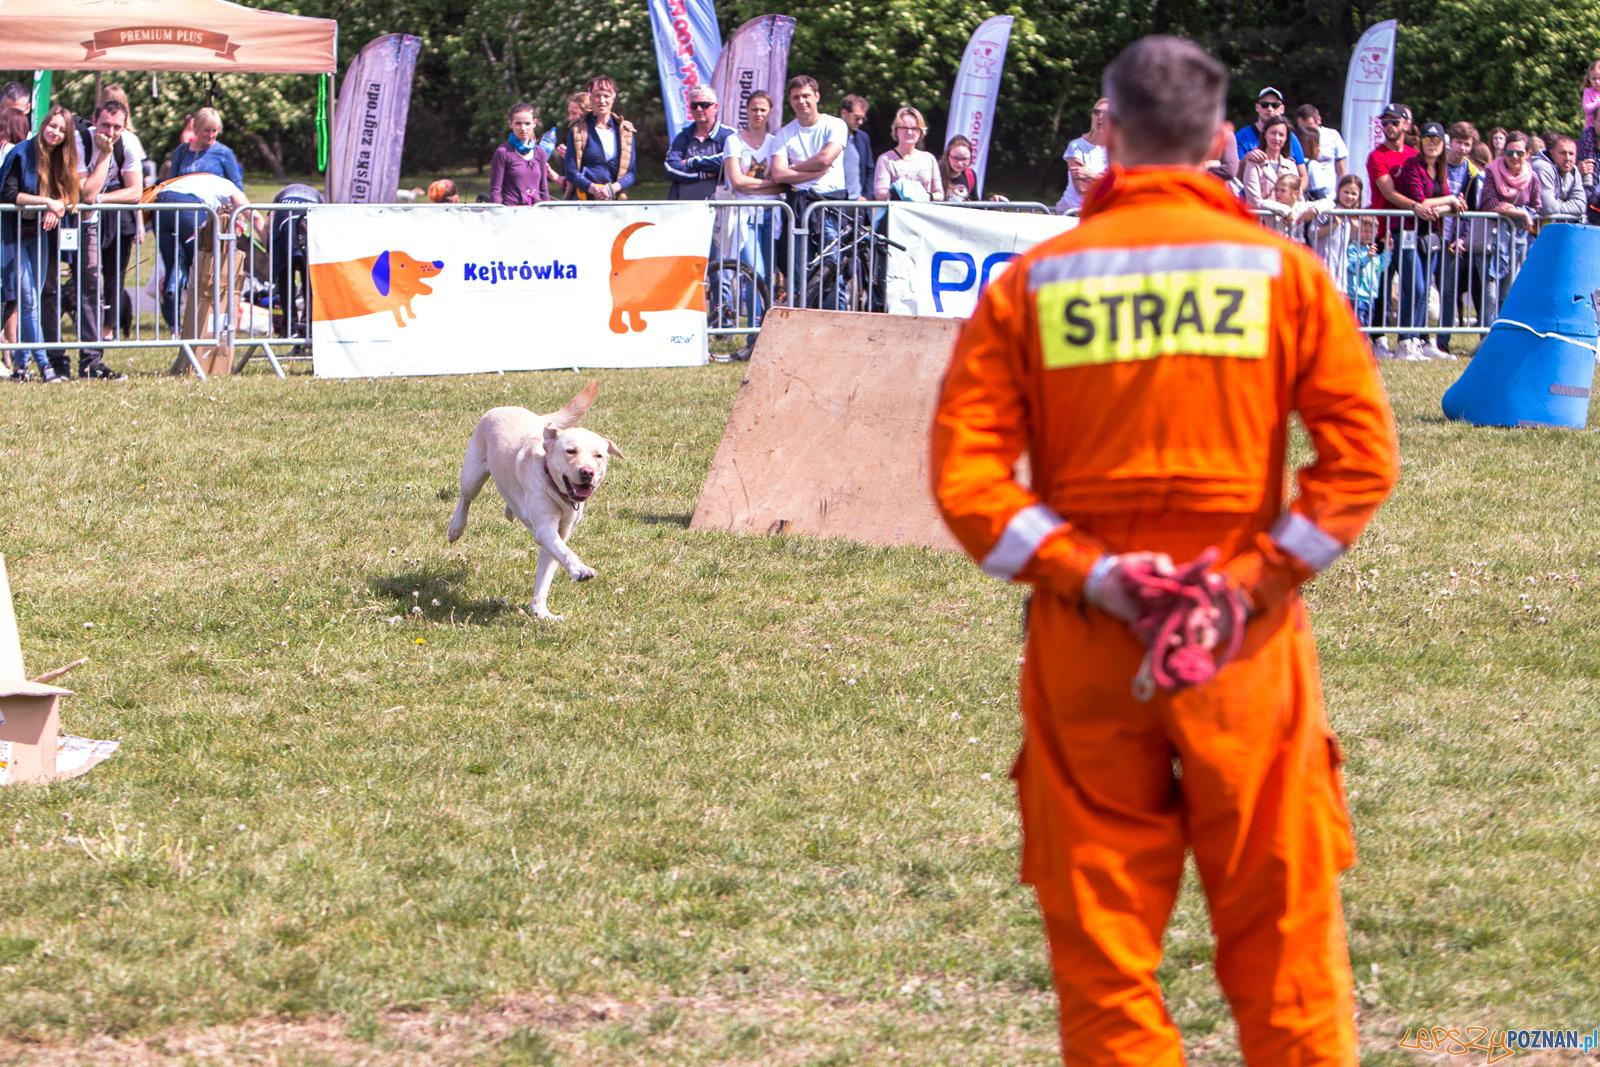 Latające Psy Poznań na Cytadeli - Poznań 11.05.2019 r.  Foto: LepszyPOZNAN.pl / Paweł Rychter